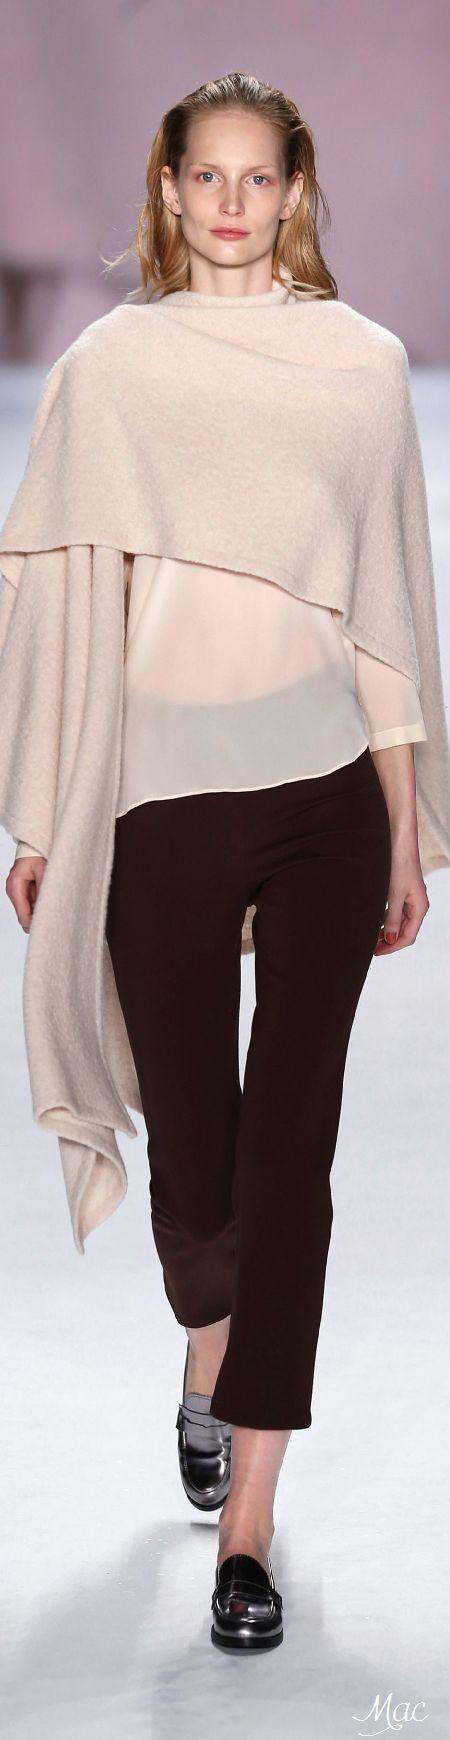 Fall 2015 Ready-to-Wear Minx by Eva Lutz